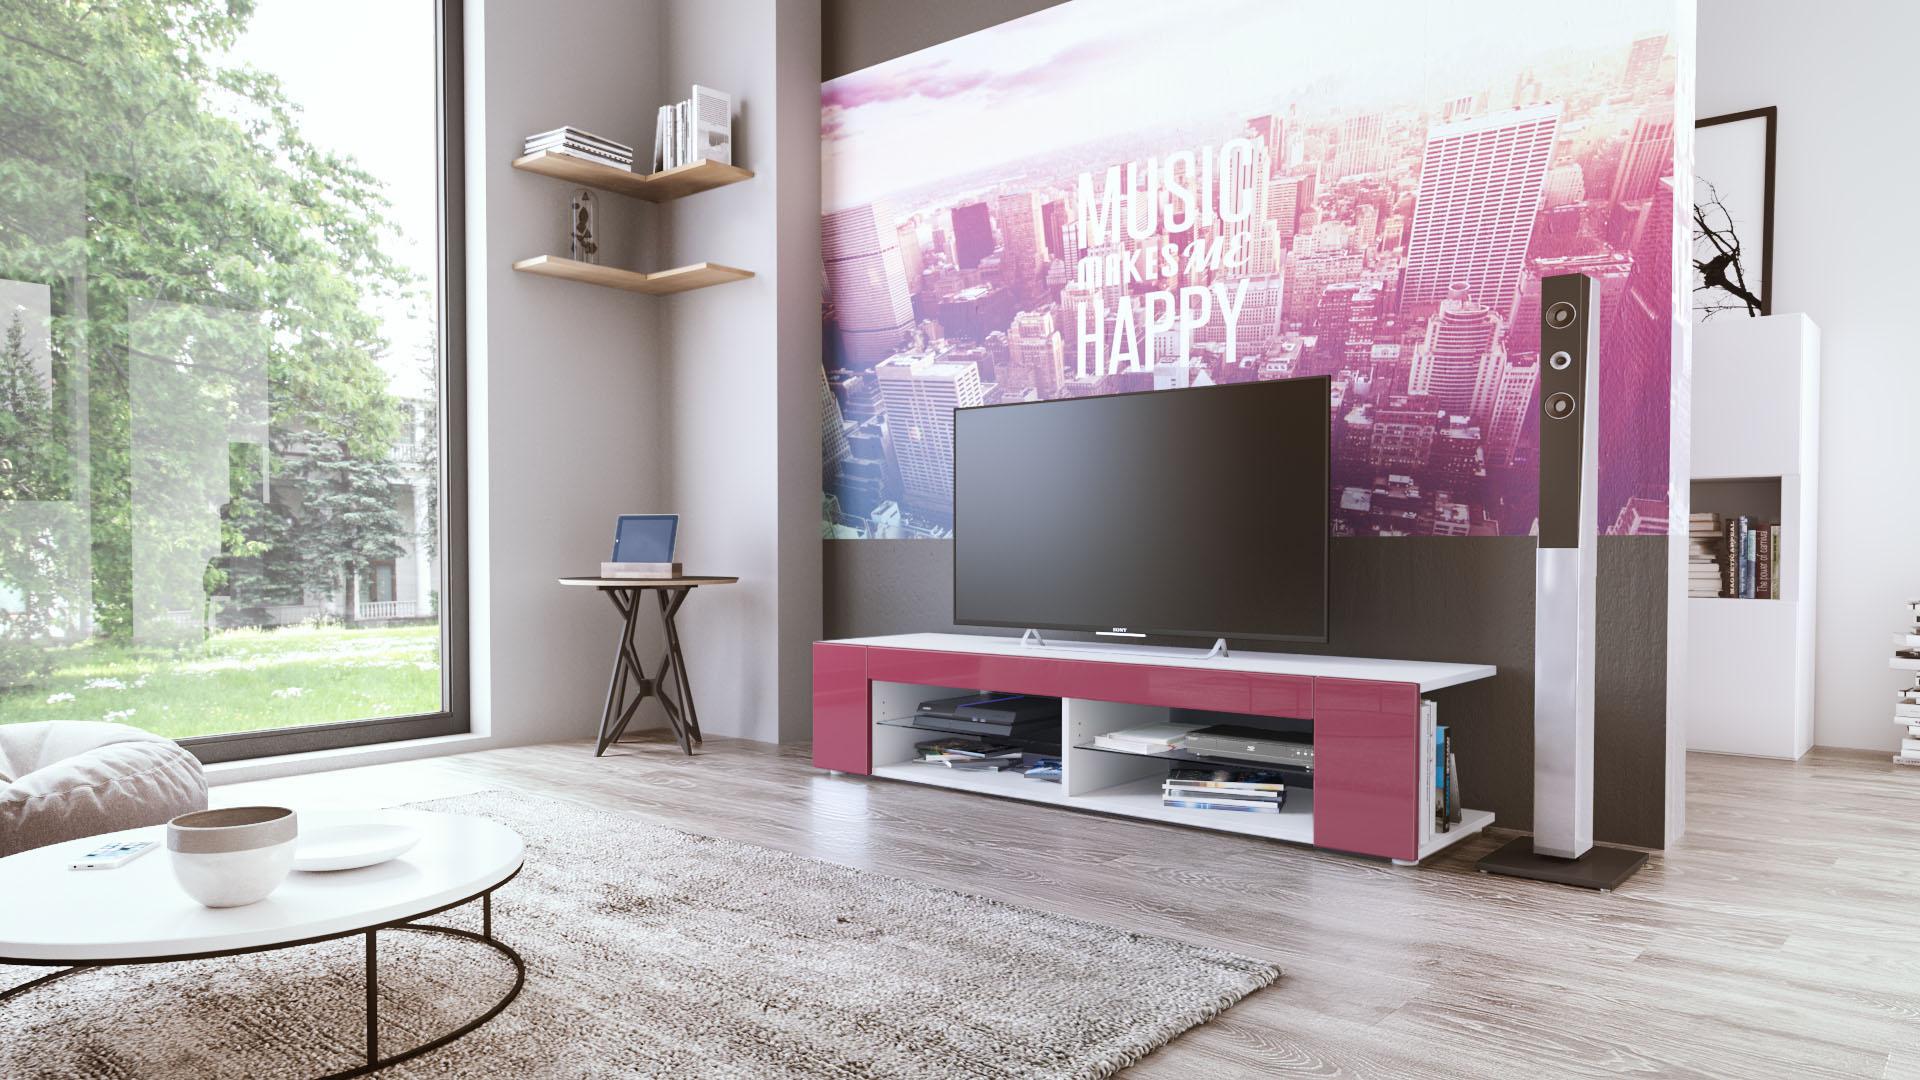 Fernsehschrank weiß matt  Fernsehschrank Weiß Matt: Wohnzimmerschrank gladiatore mdf eiche ...